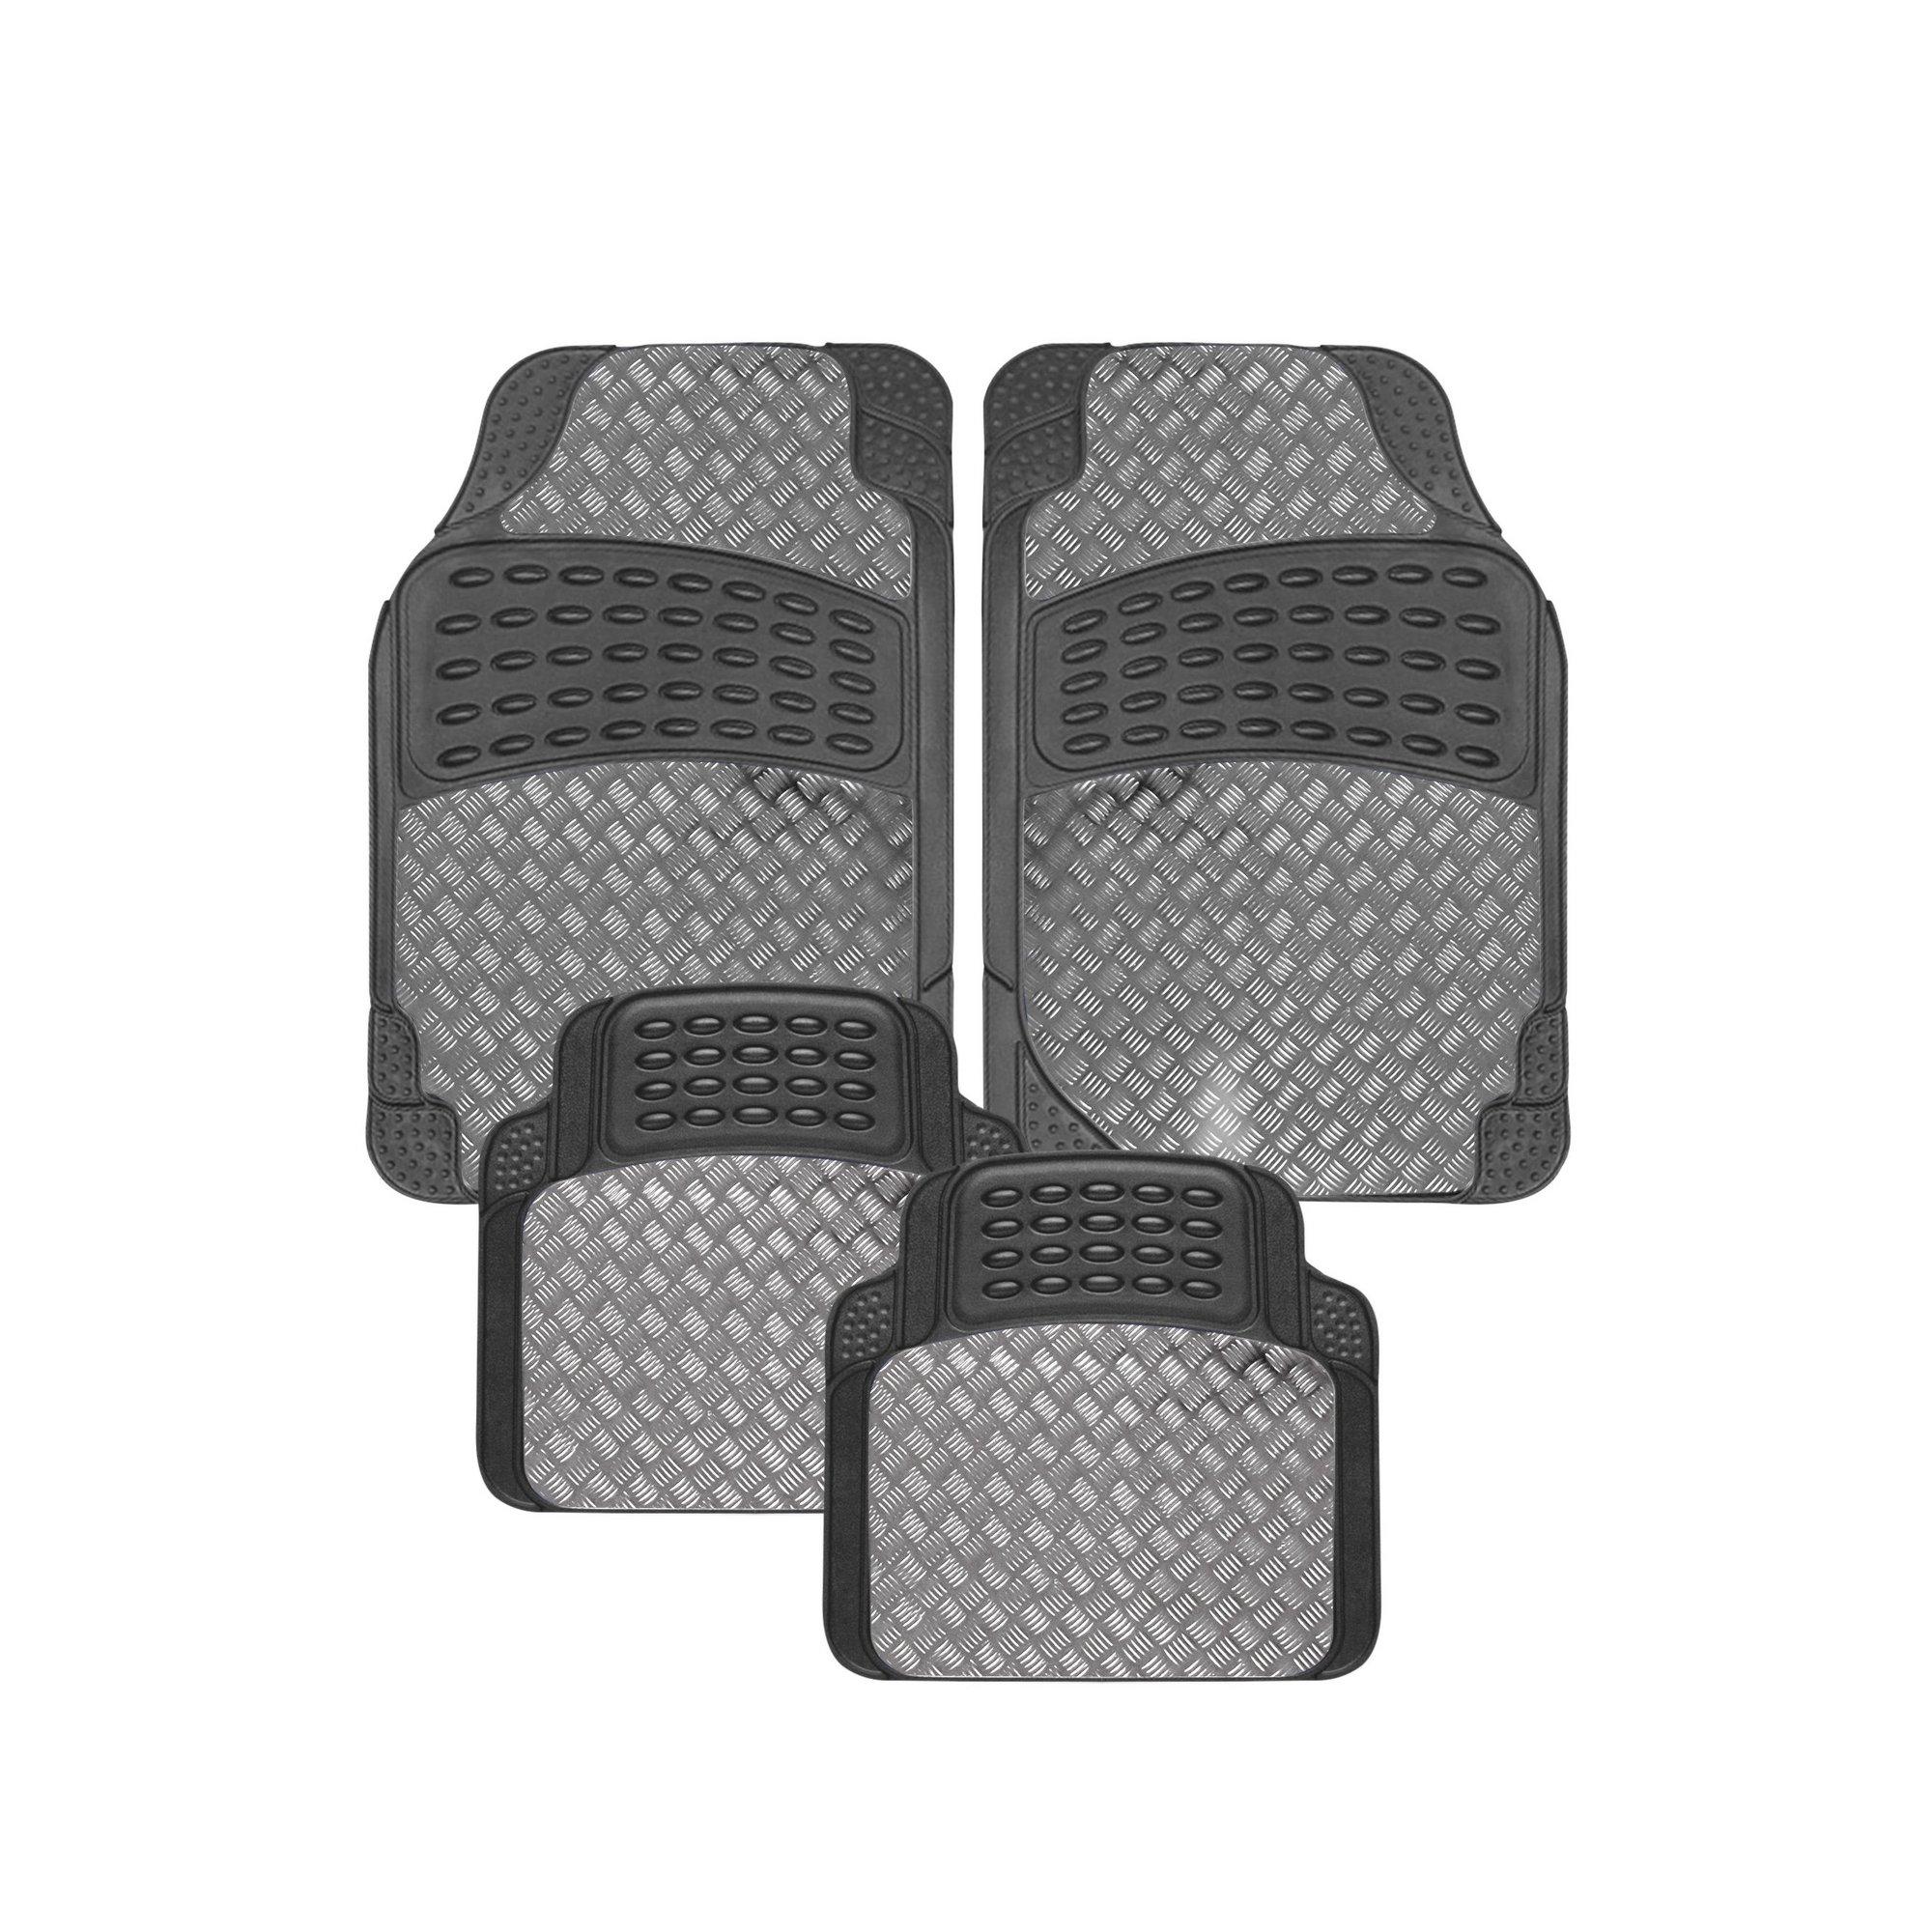 Image of Vision Checker Car Mat Set